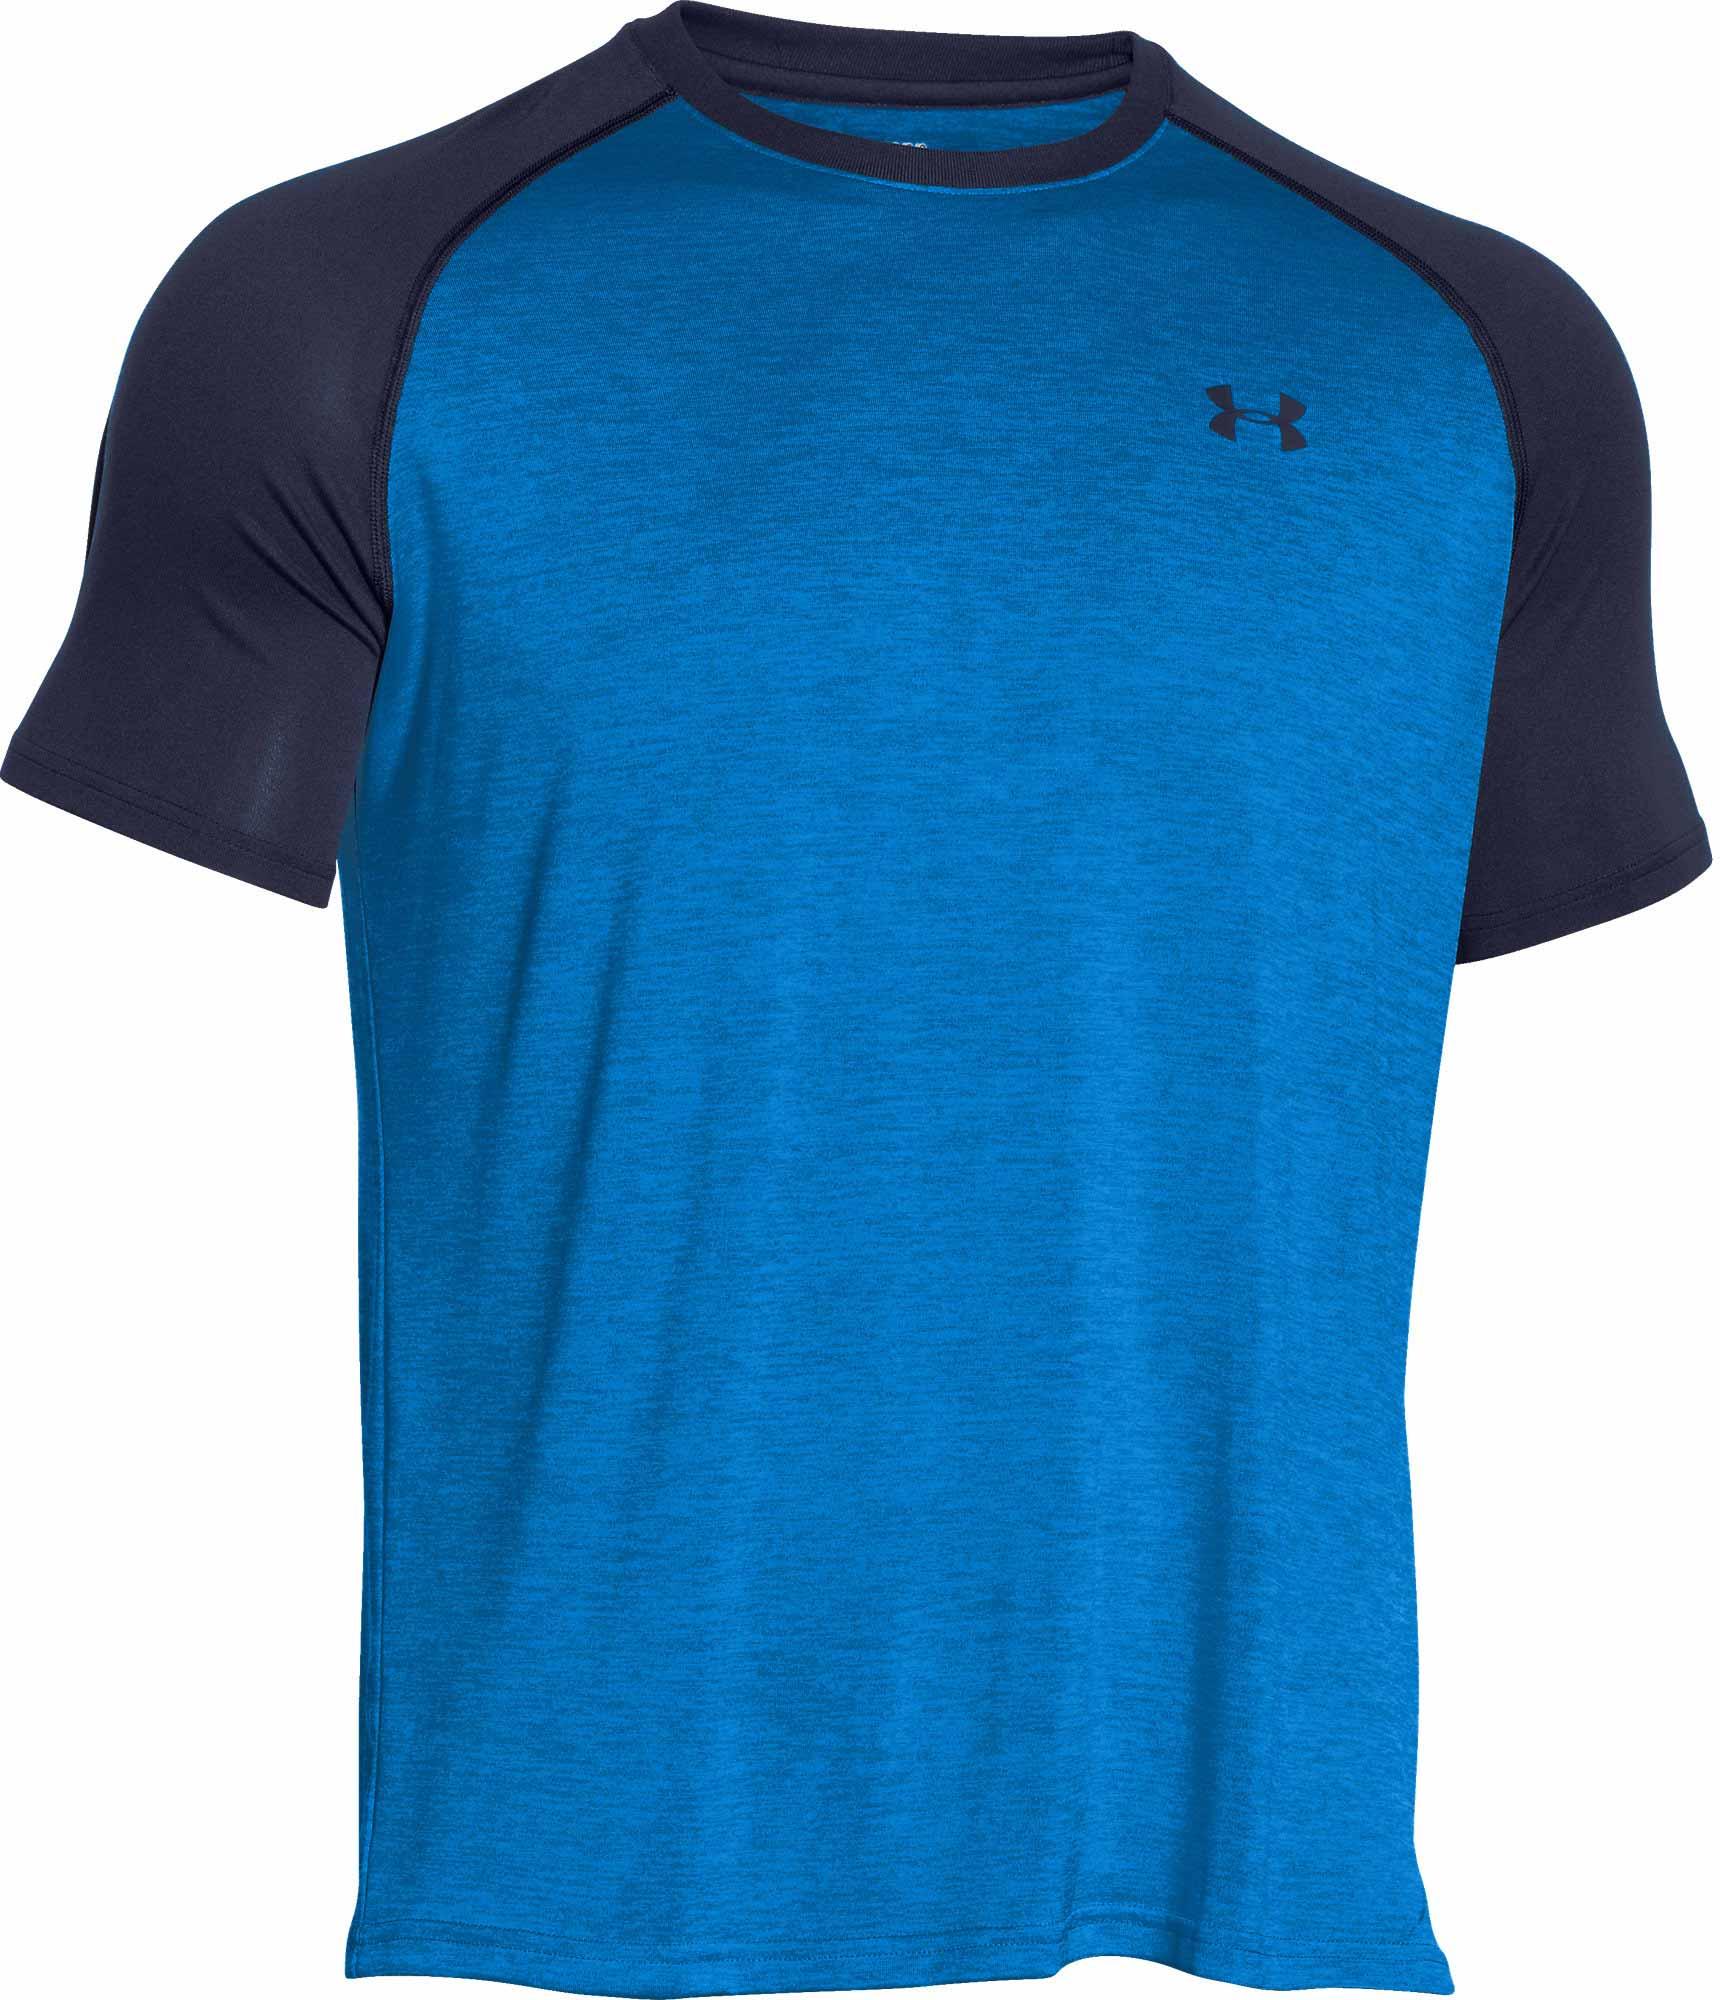 8ff037cb420 Under Armour UA TECH SHORTSLEEVE T. Pánske funkčné tričko